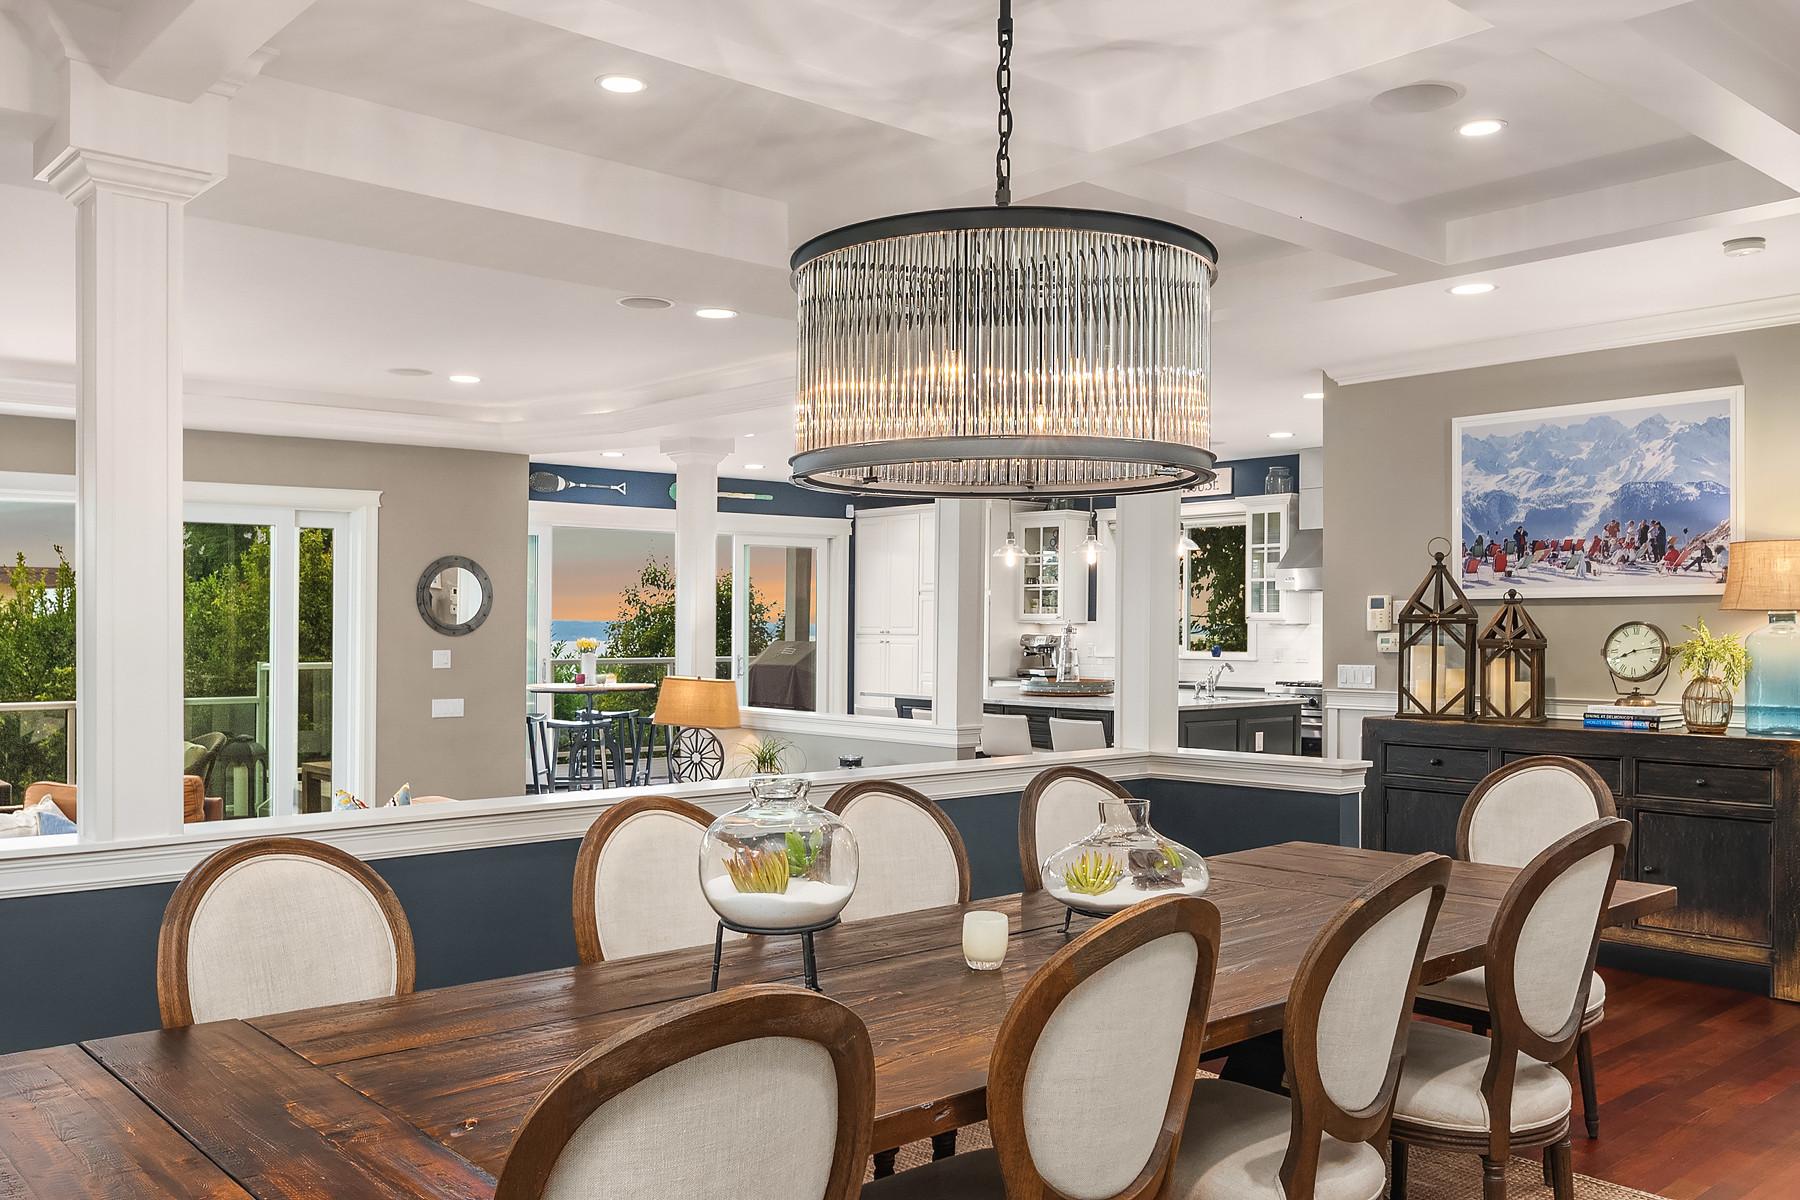 Formal dining room with designer chandelier